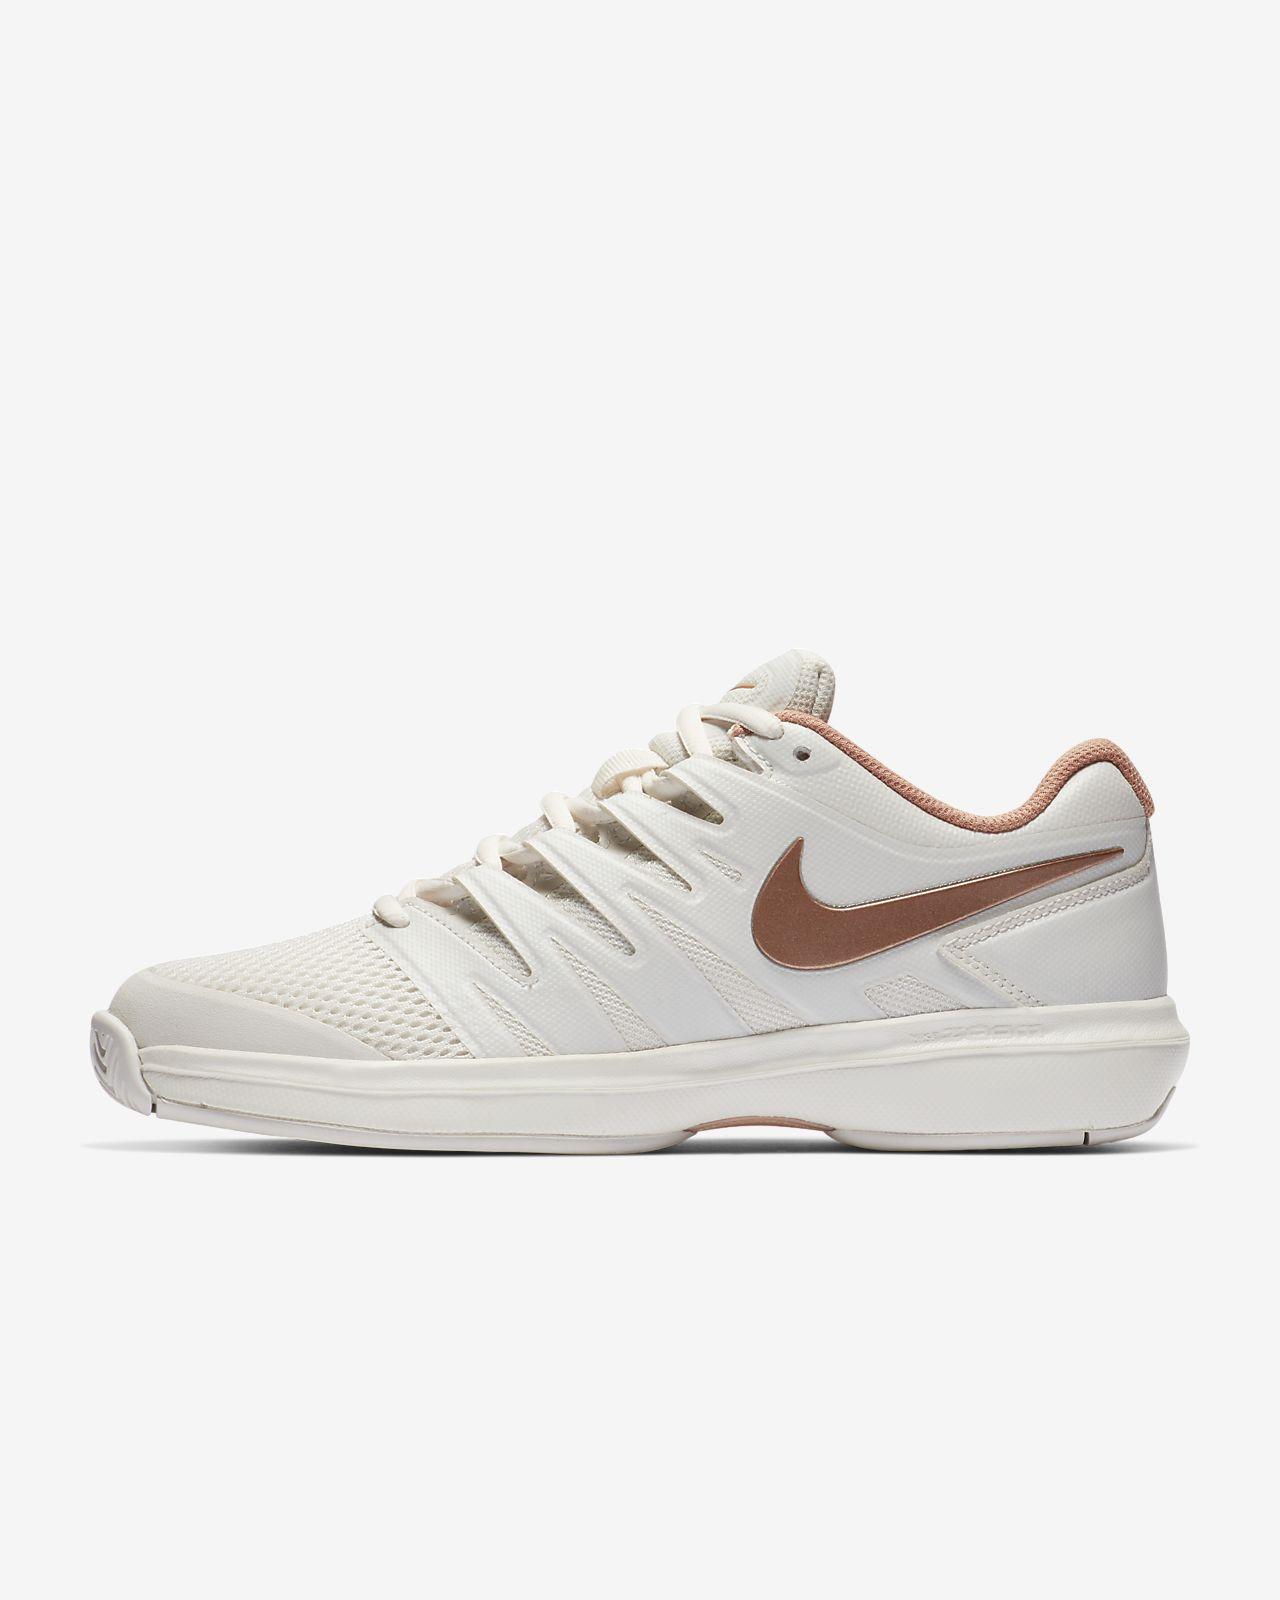 192e80317d7 Dámská tenisová bota NikeCourt Air Zoom Prestige na tvrdý povrch ...